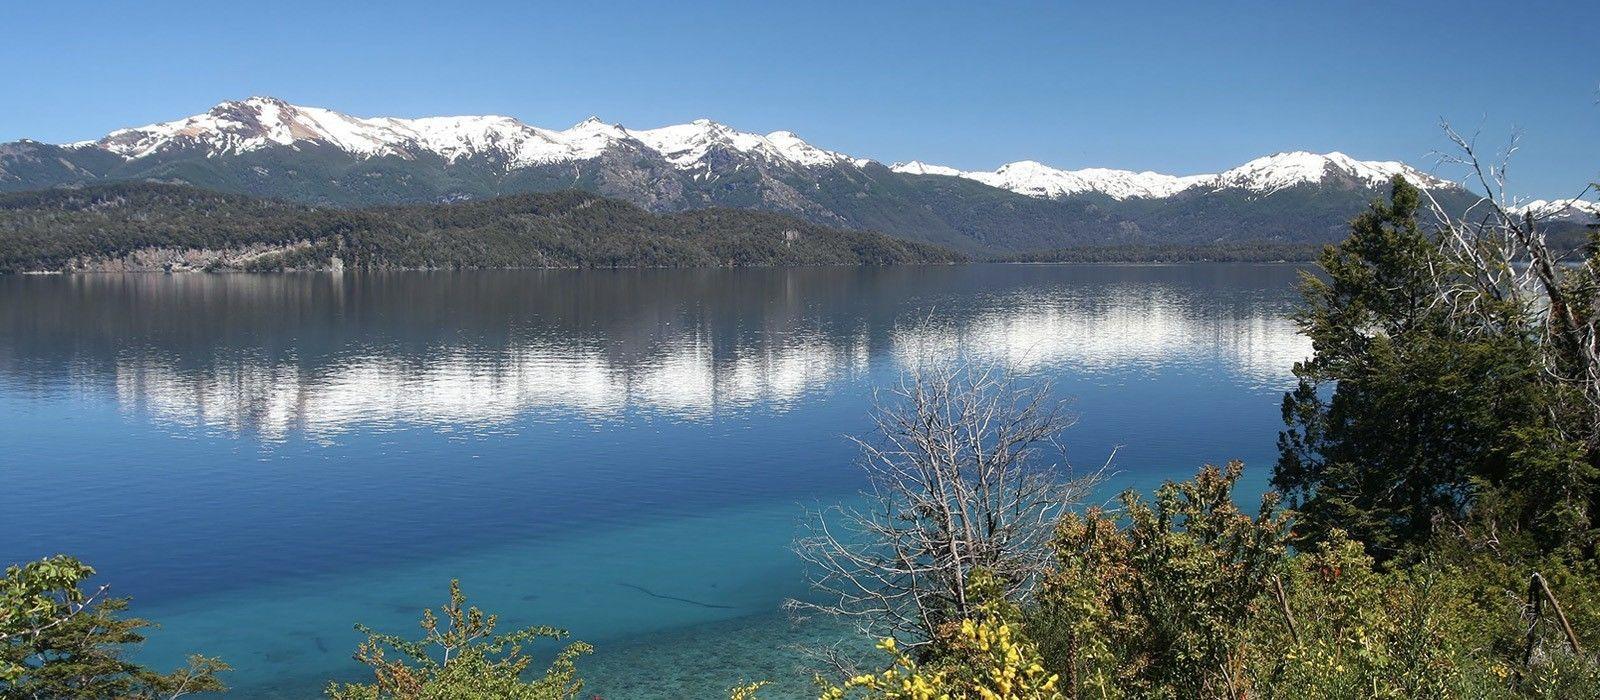 Argentinien – Die Epik Patagoniens Urlaub 2